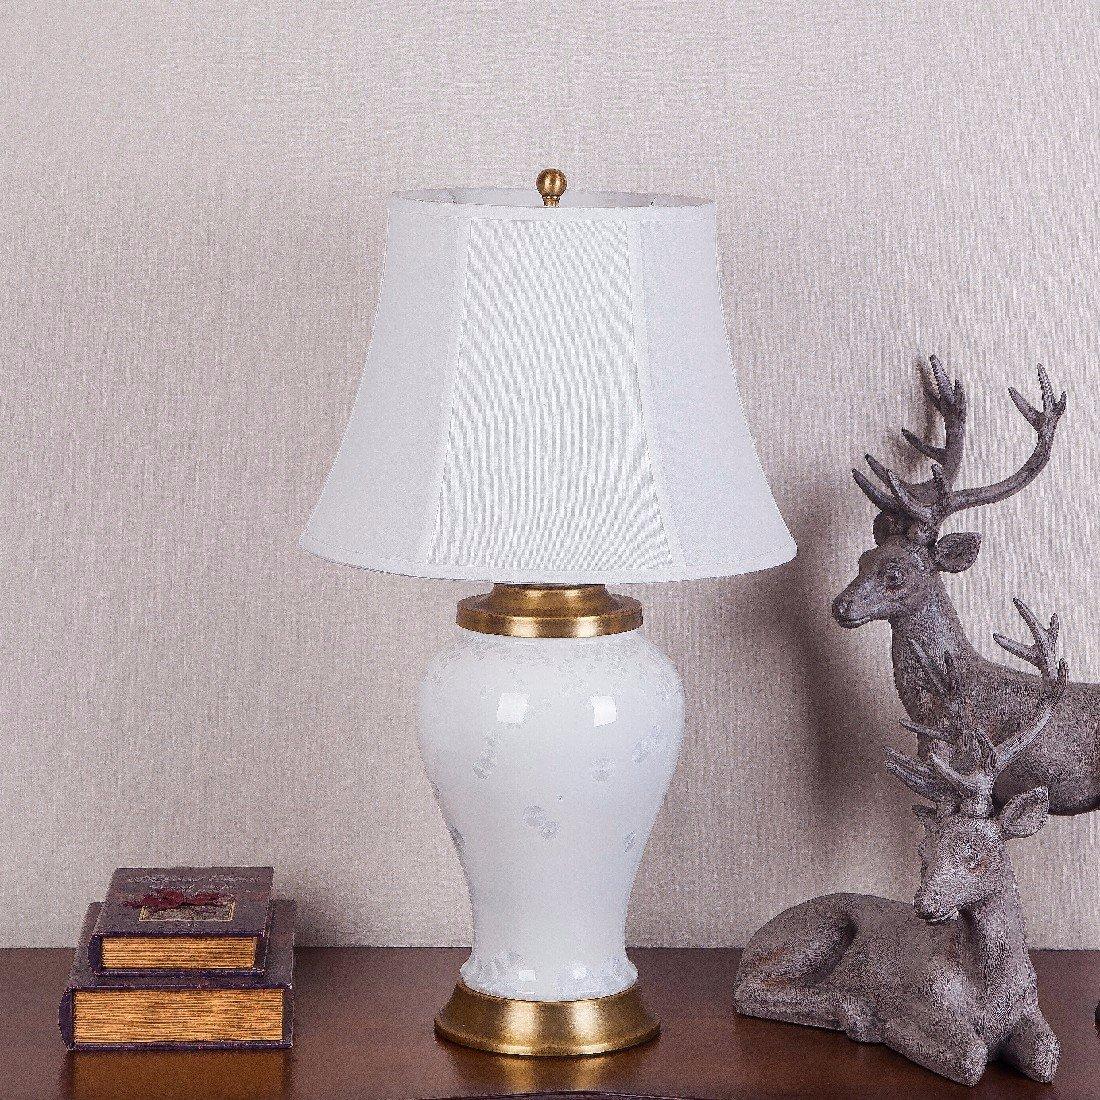 YFF@ILU im amerikanischen Stil der modernen Chinesischen alle - Kupfer keramische Lampe, Wohnzimmer Schlafzimmer Studie Dekoration, neues Heim Hochzeit Dekoration